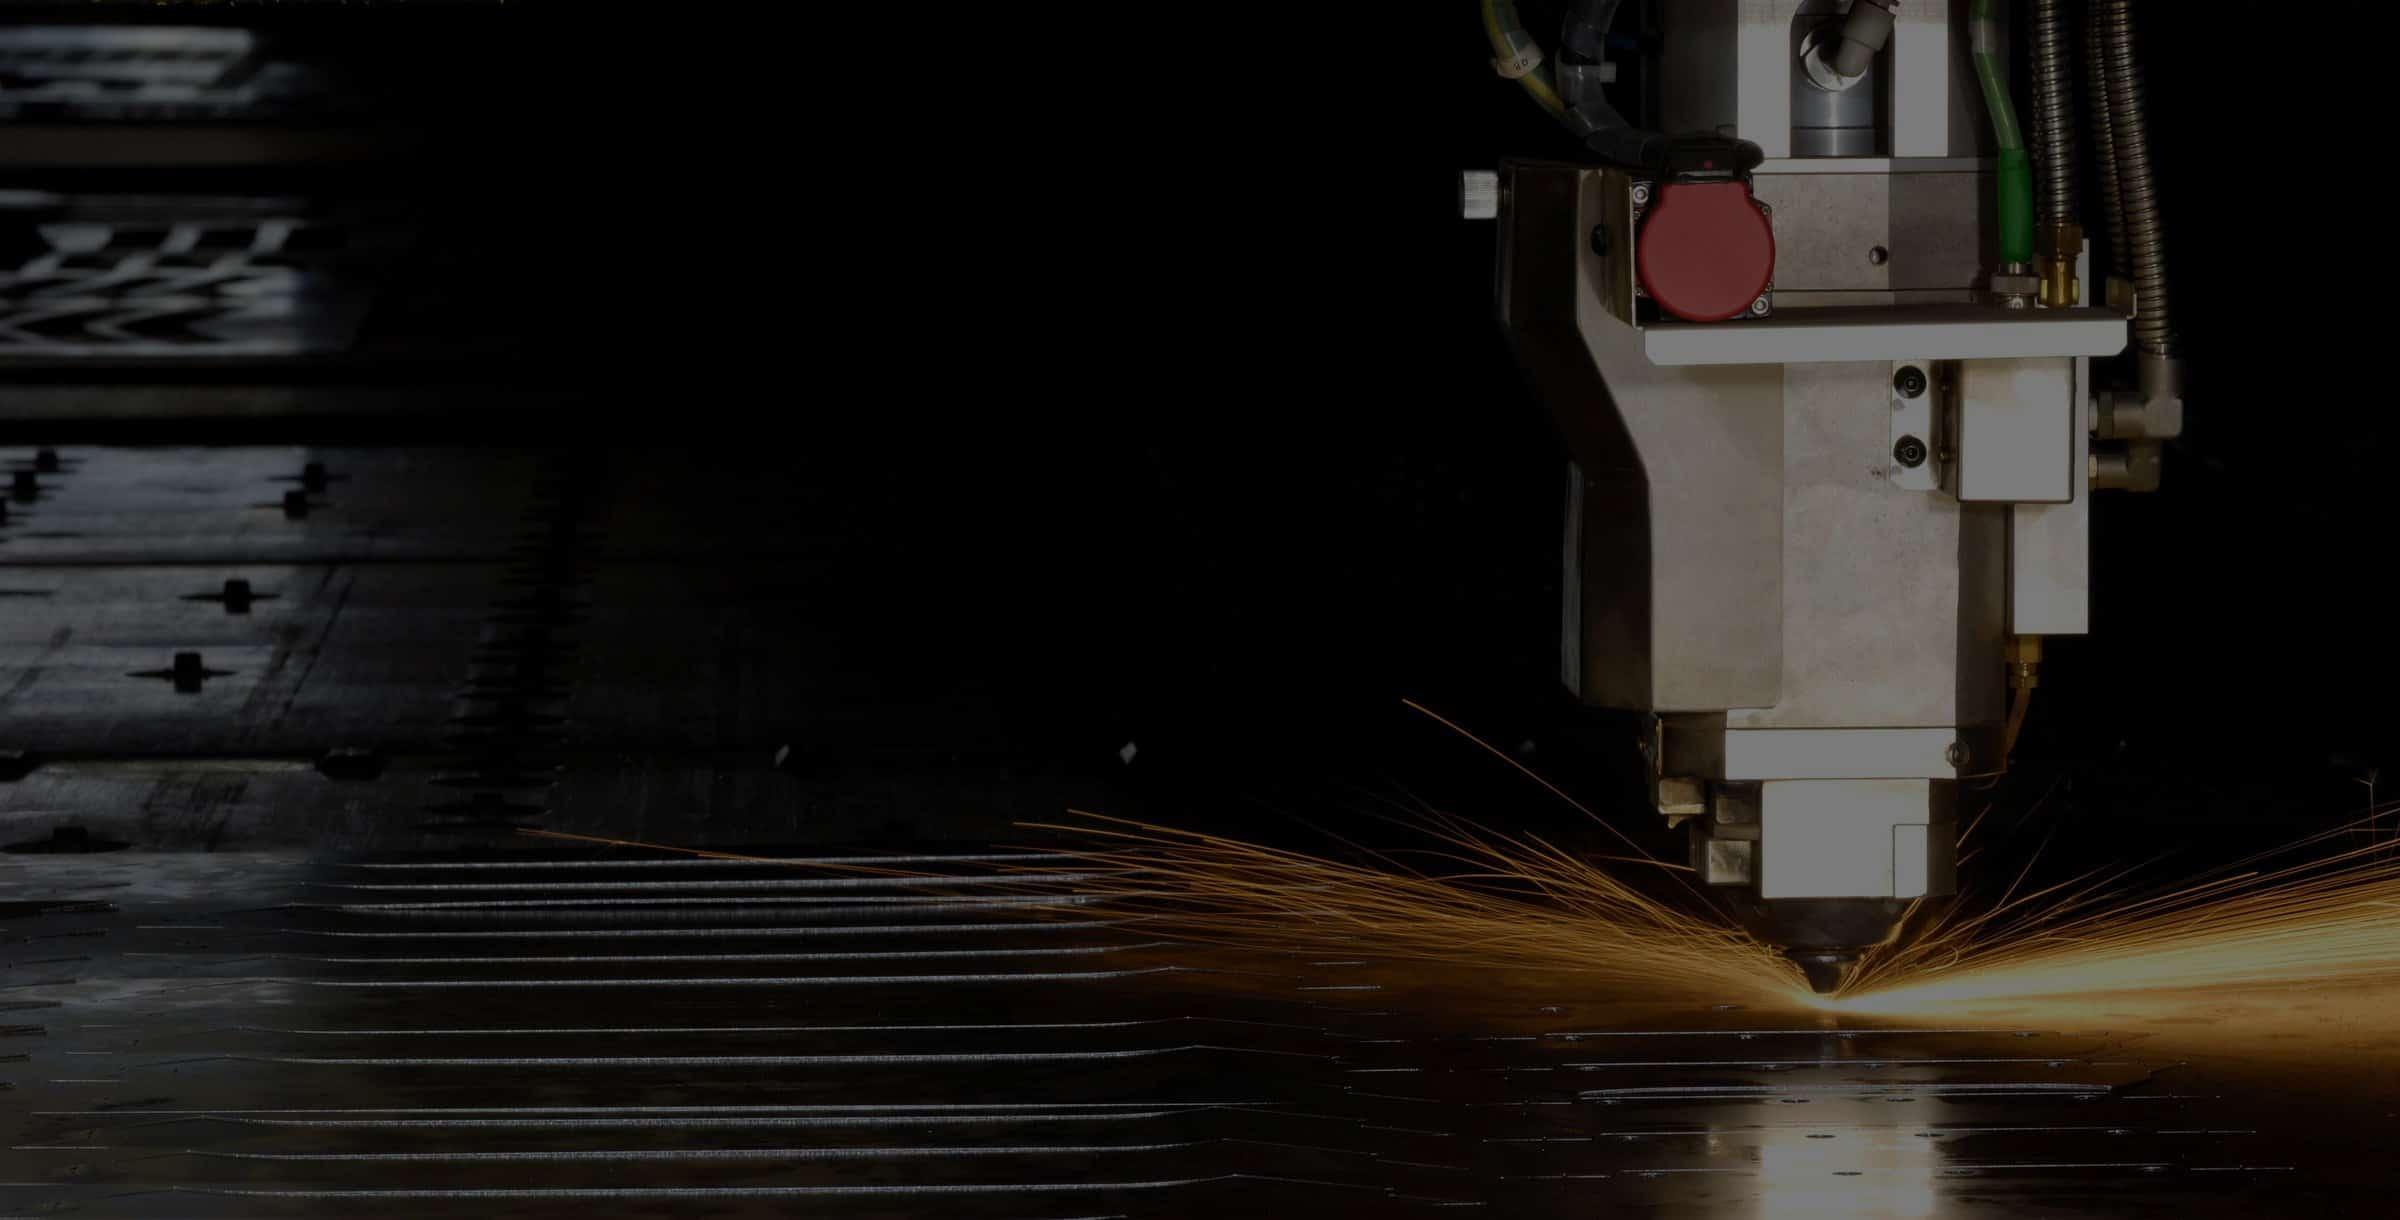 حکاکی بروی فلز با لیزر